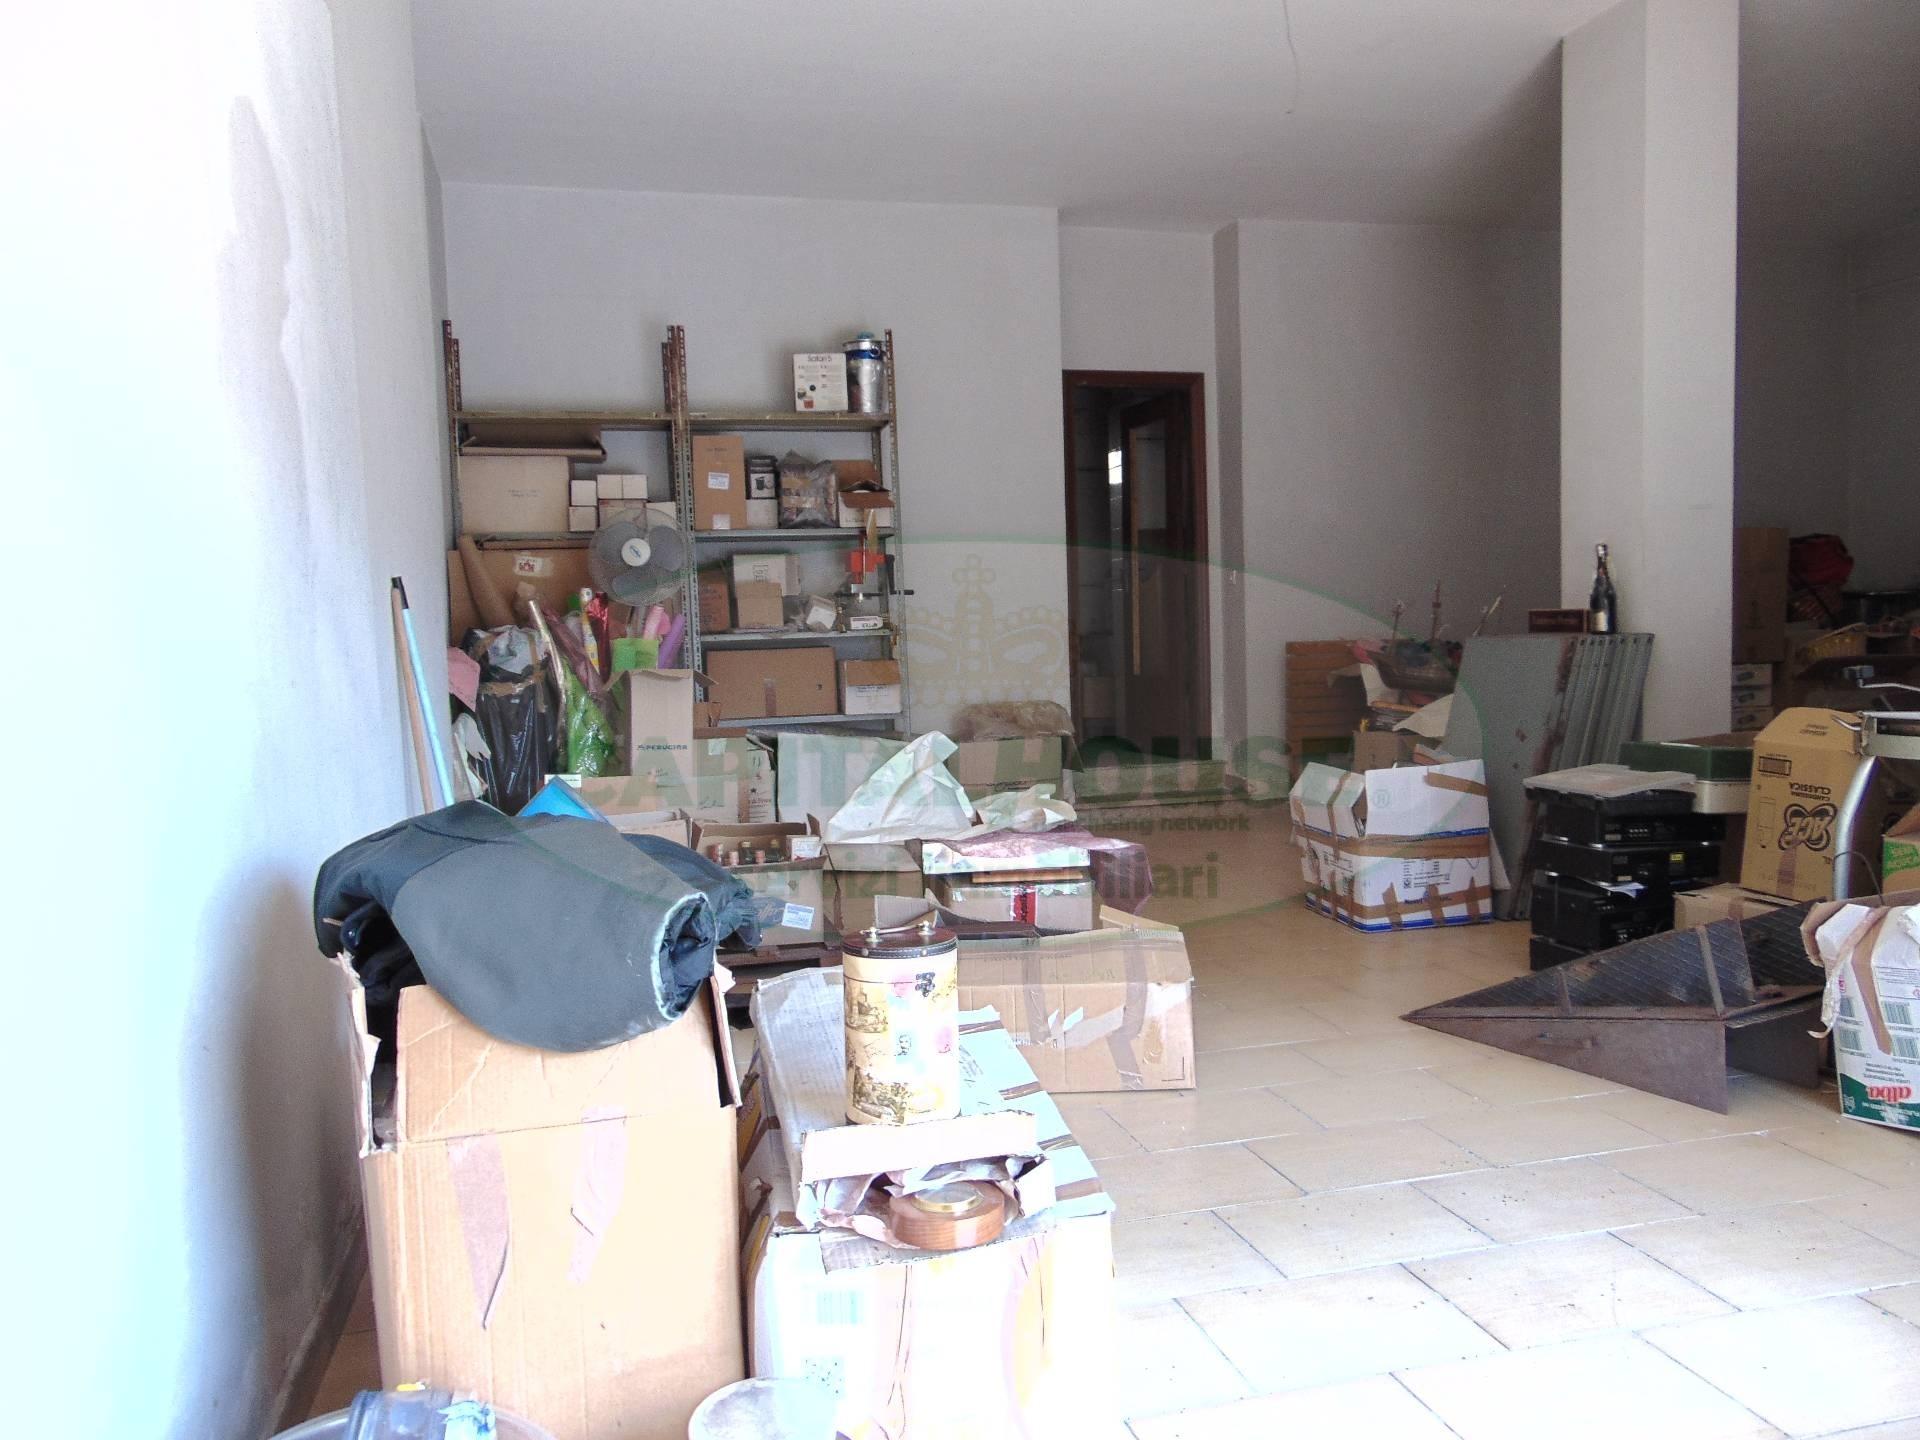 Negozio / Locale in vendita a San Prisco, 9999 locali, prezzo € 40.000 | CambioCasa.it